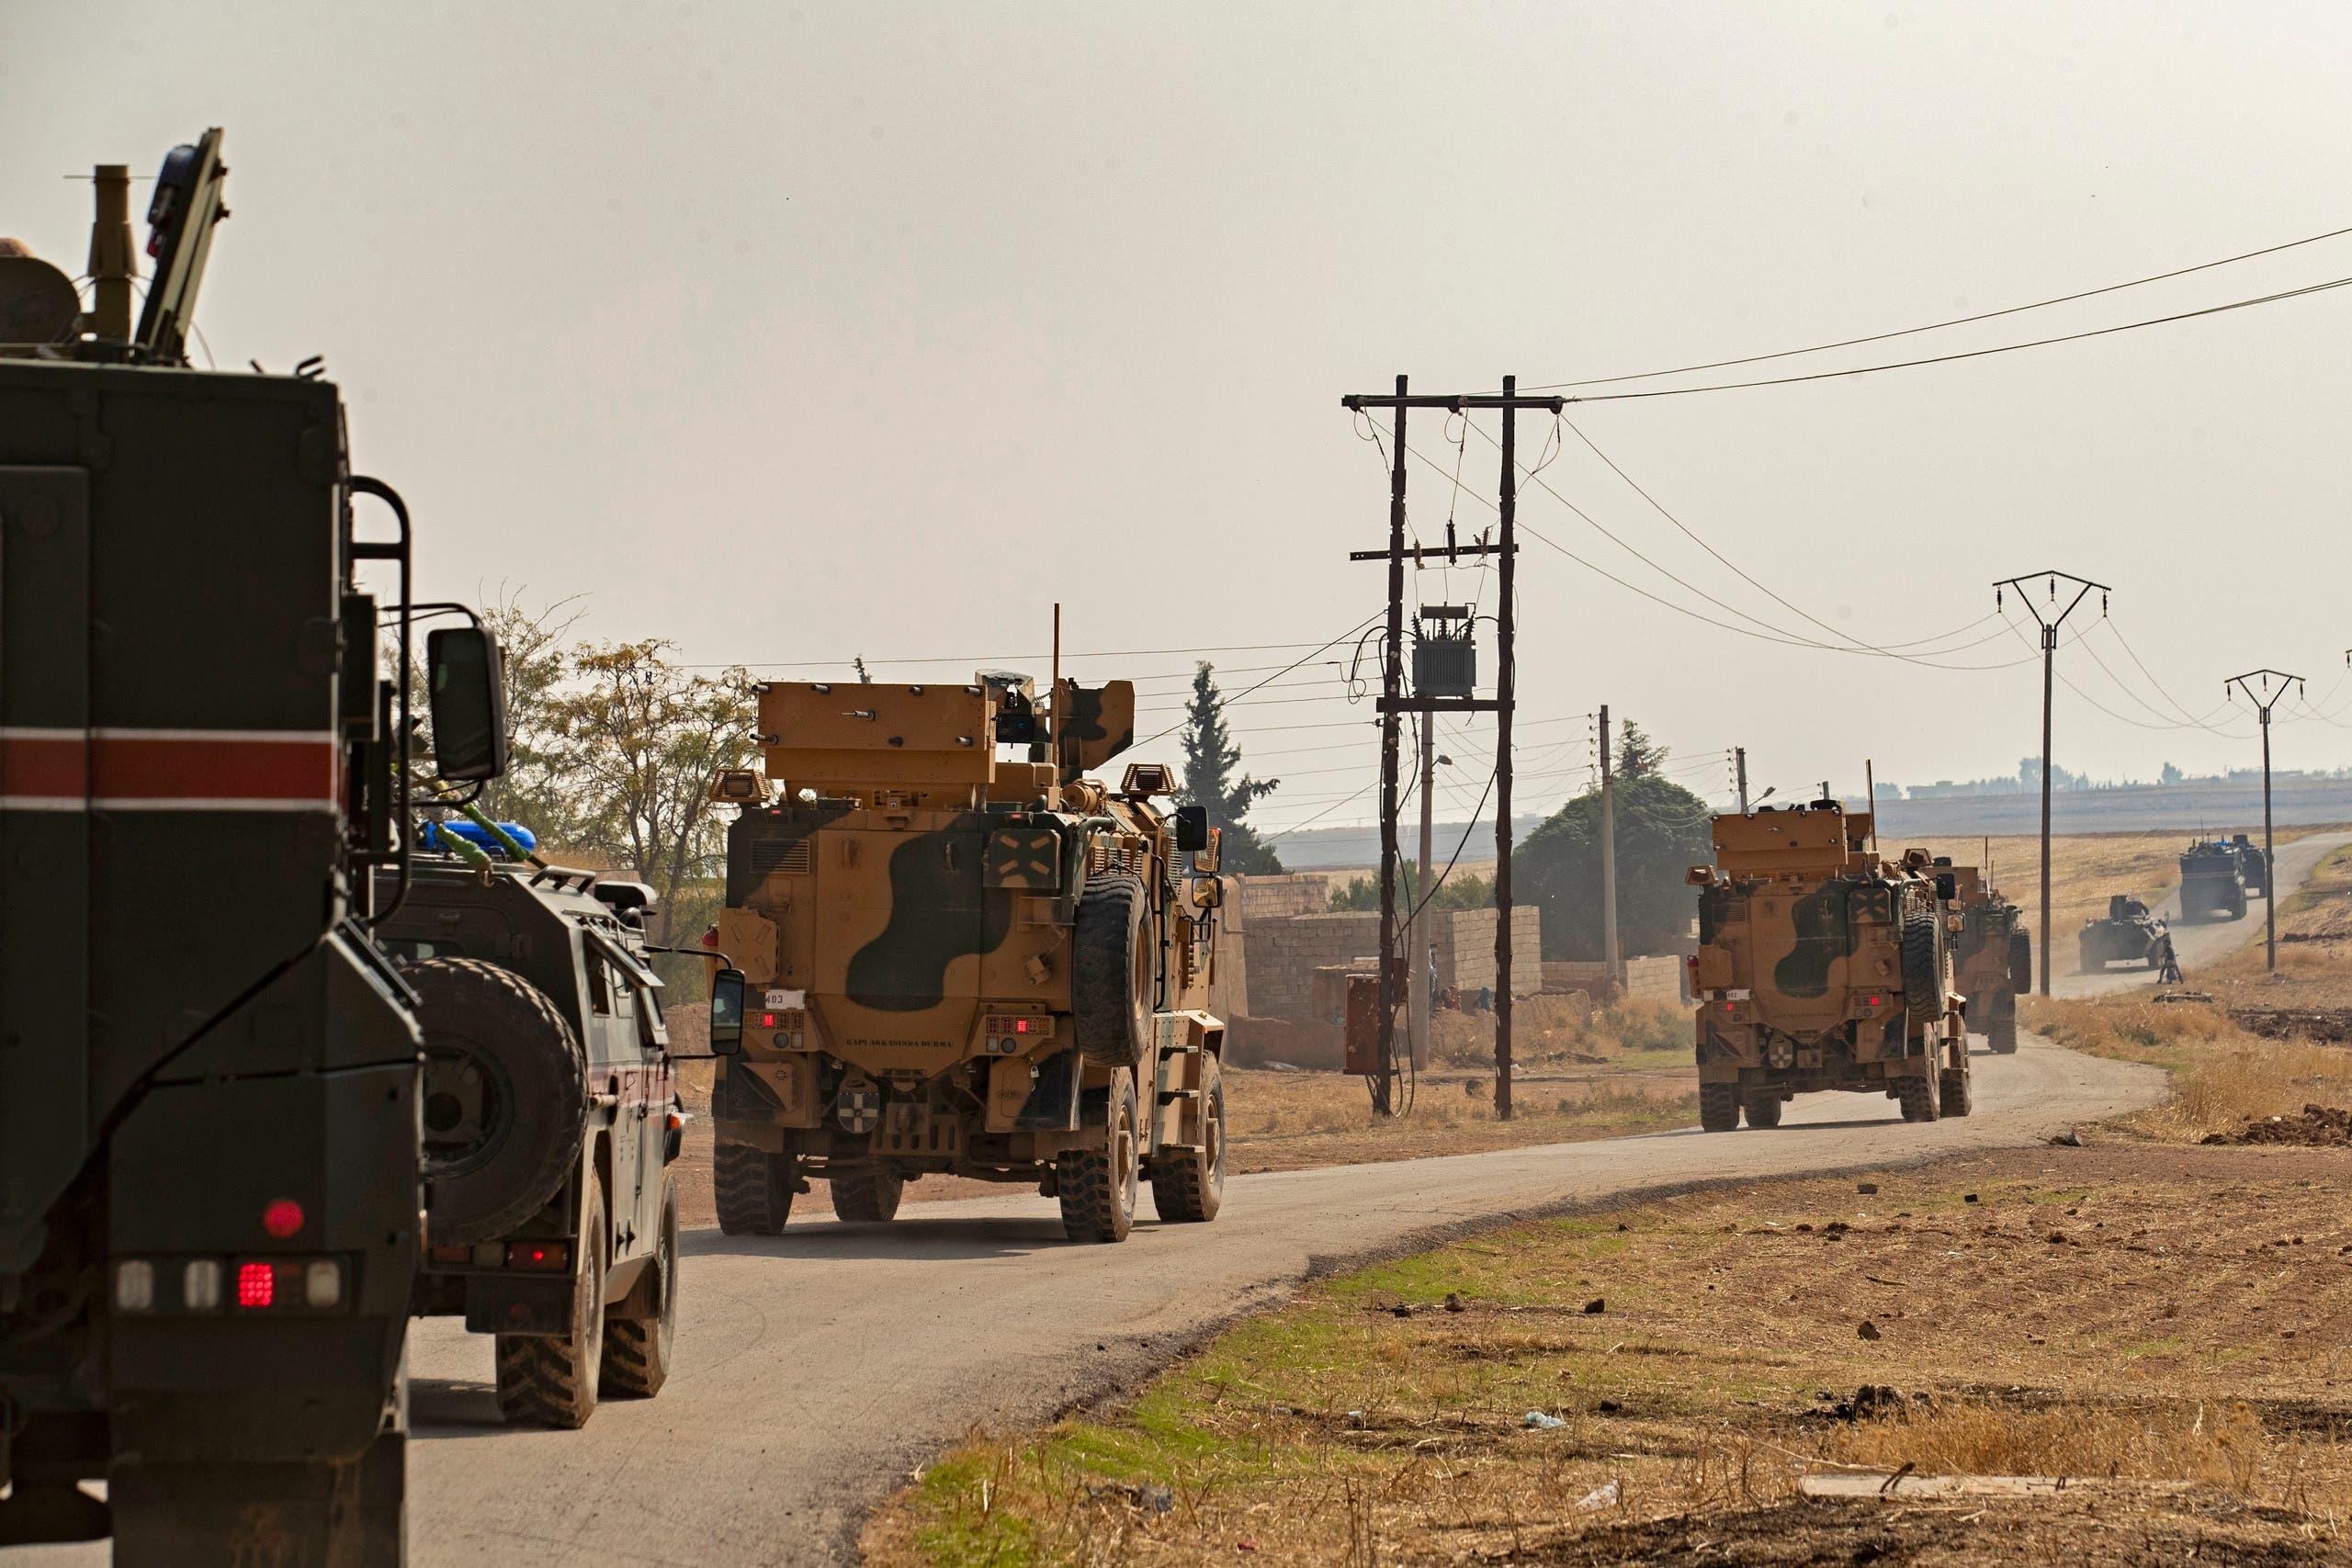 دوريات تركية روسية مشتركة شمال سوريا ا(فرانس برس)